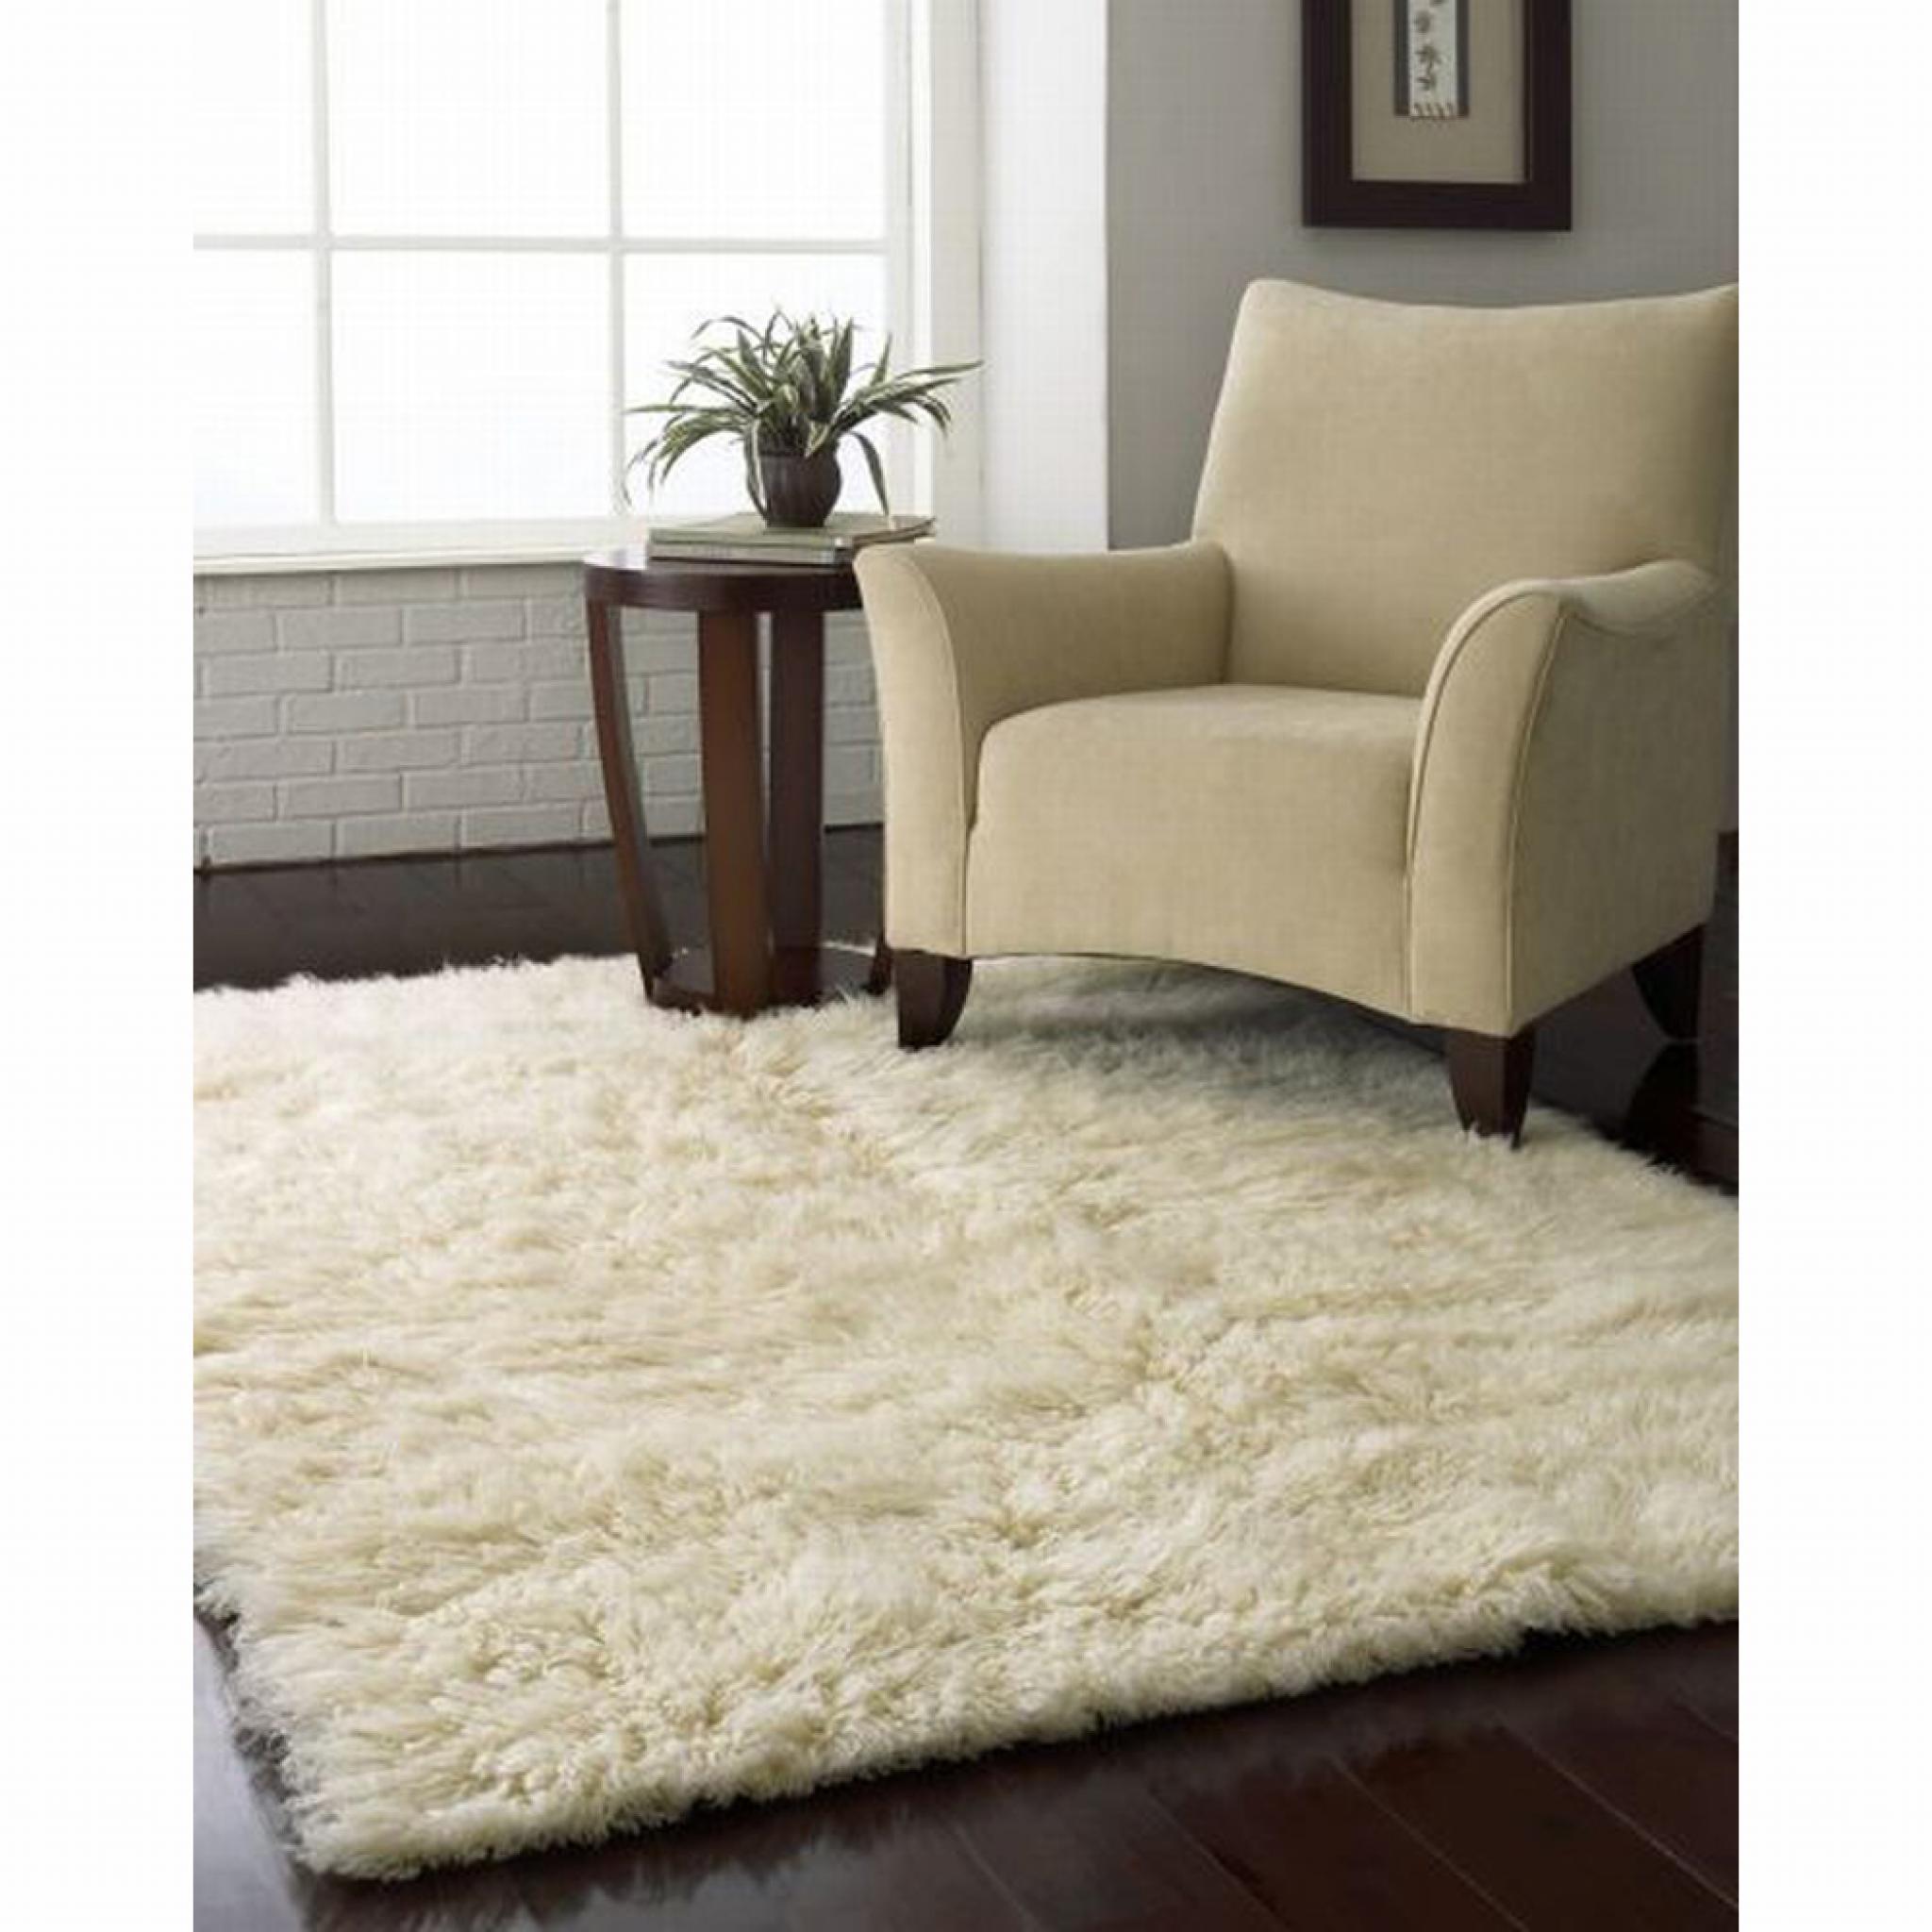 Flokati Rugs in Natural Wool 2000gsm